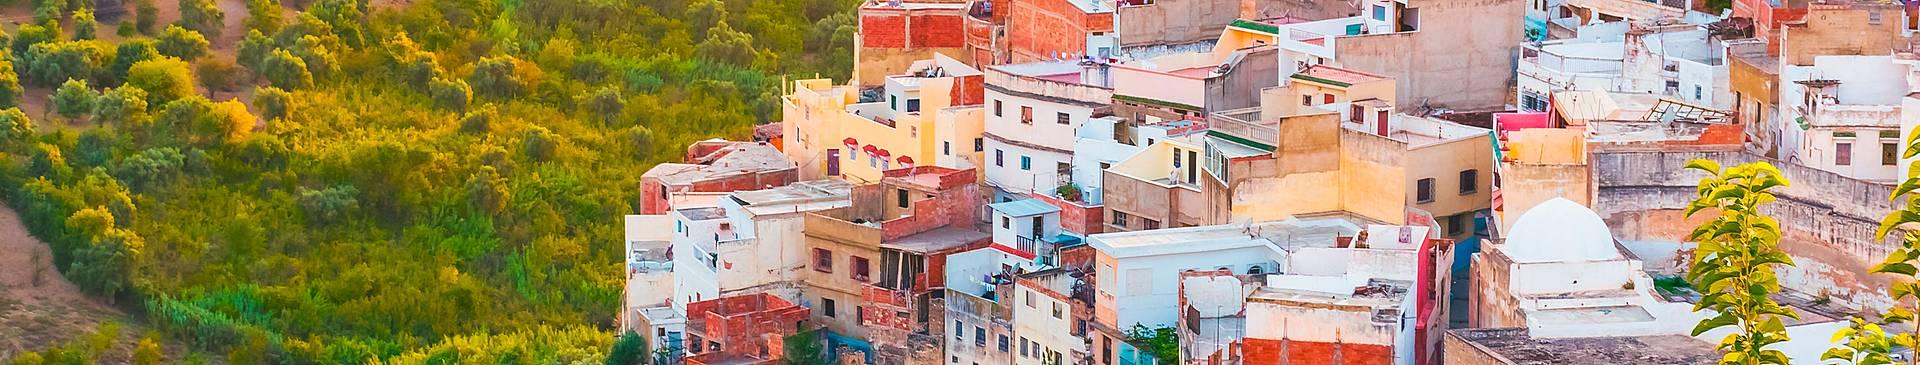 Stedentrip in Marokko